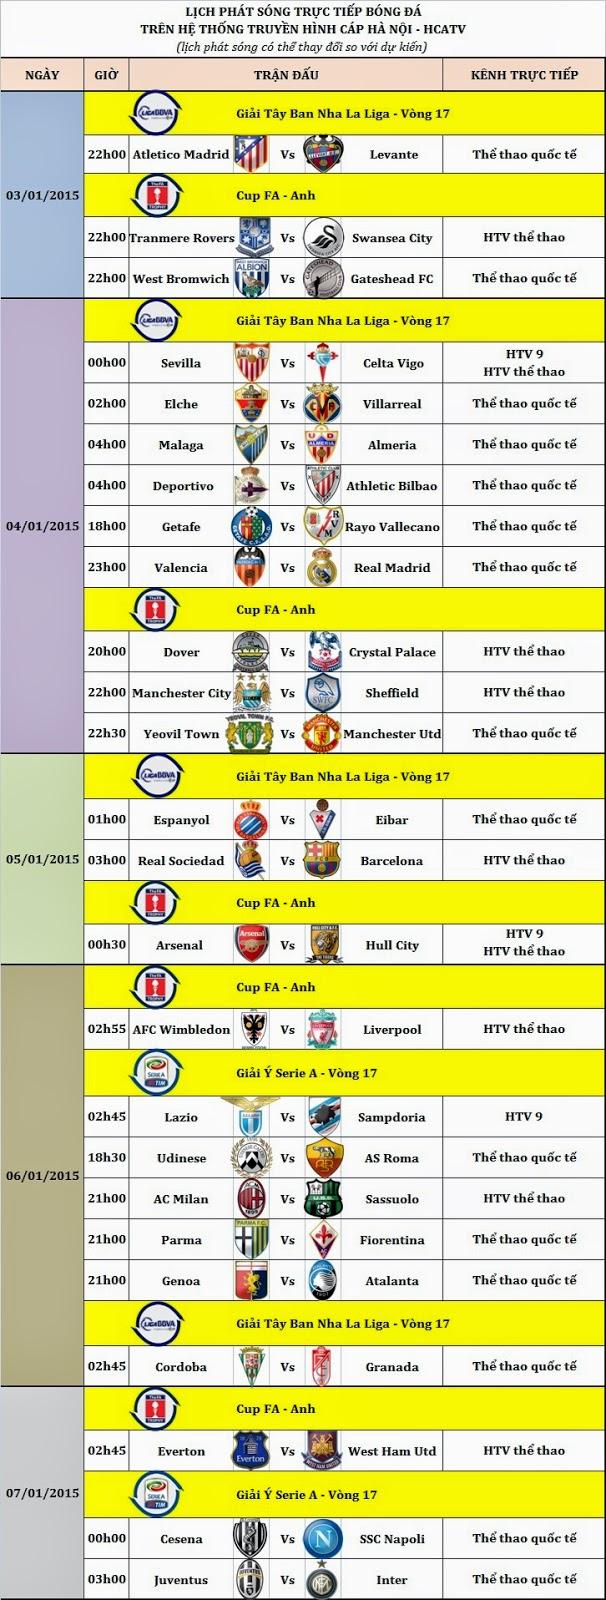 Lịch bóng đá trên HCATV